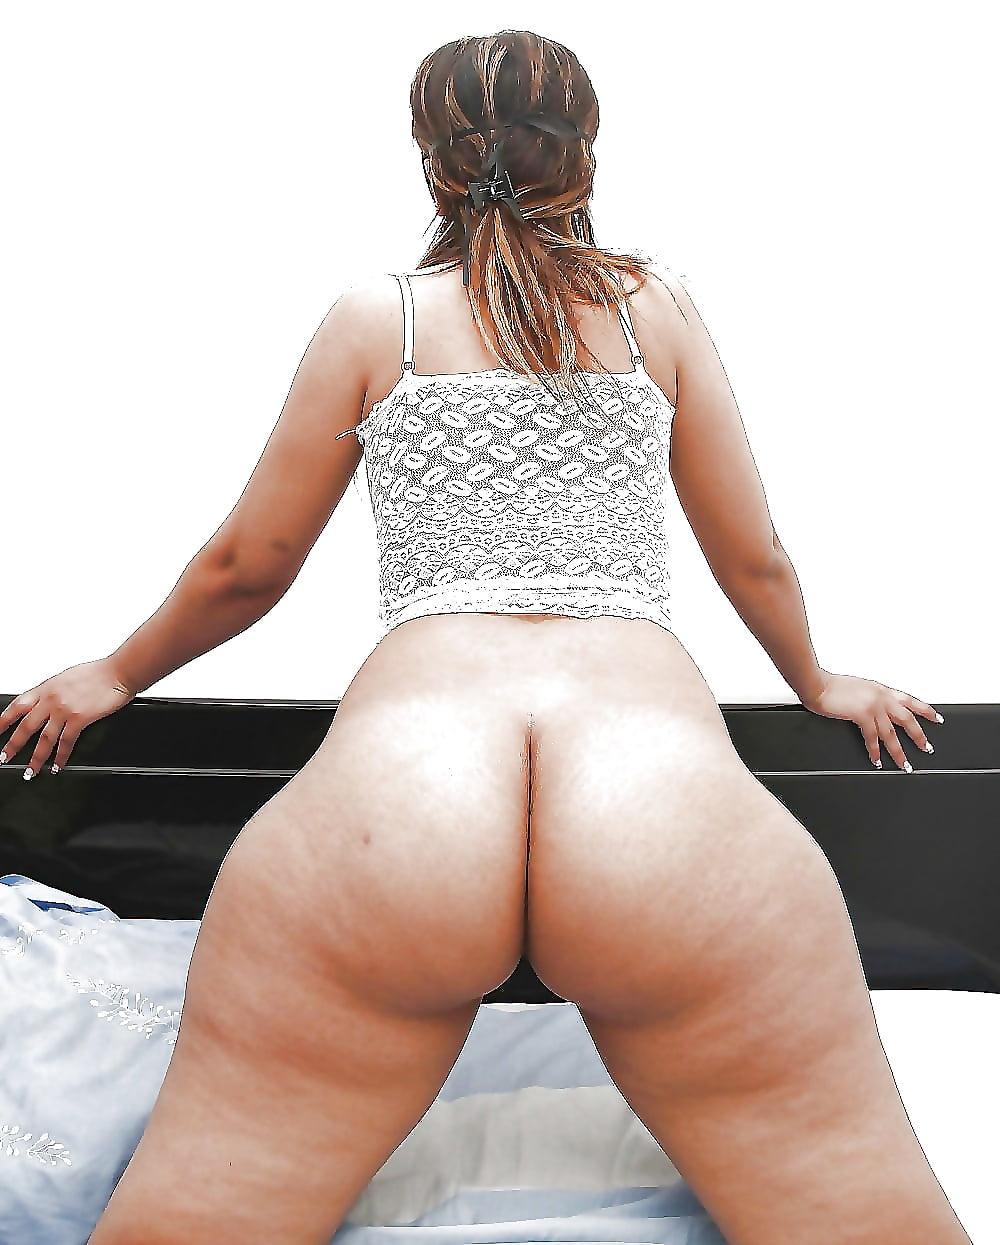 Mega Butt Pics